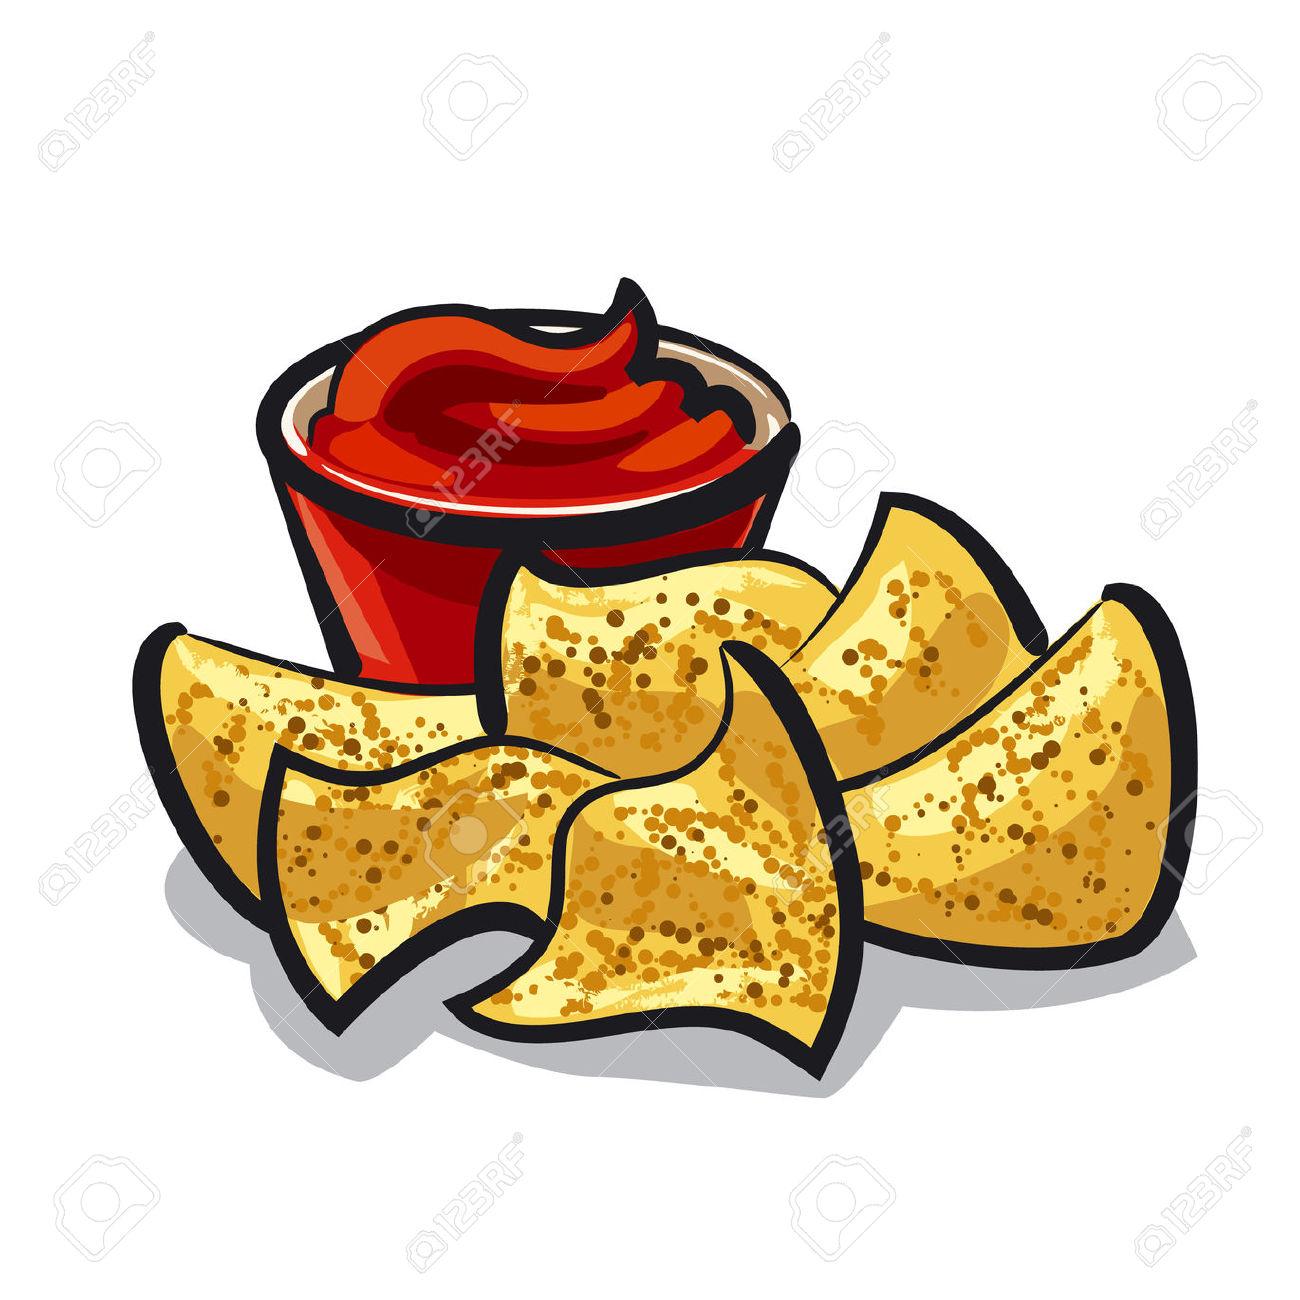 Tortilla chip clipart.